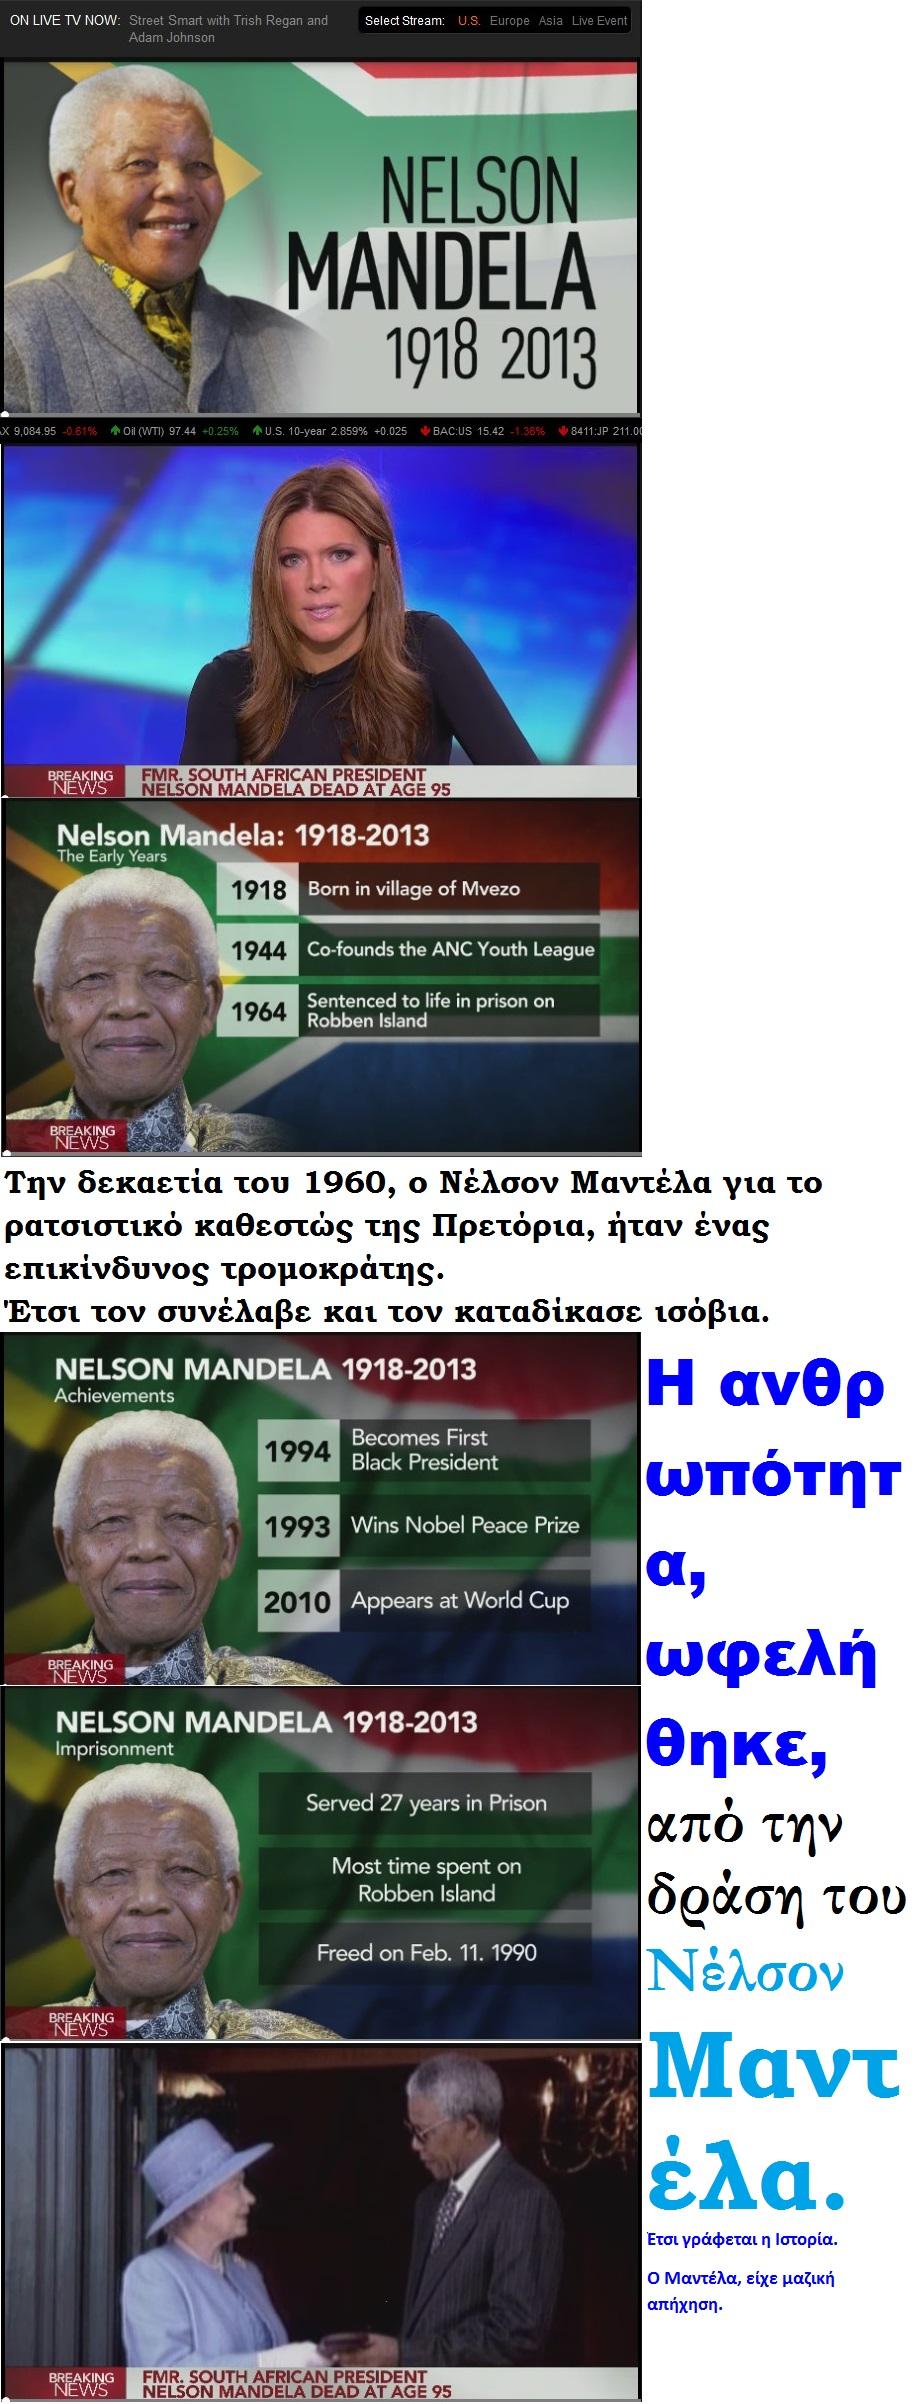 BLOOMBERG NELSON MANDELA DEATH 01 04 061213